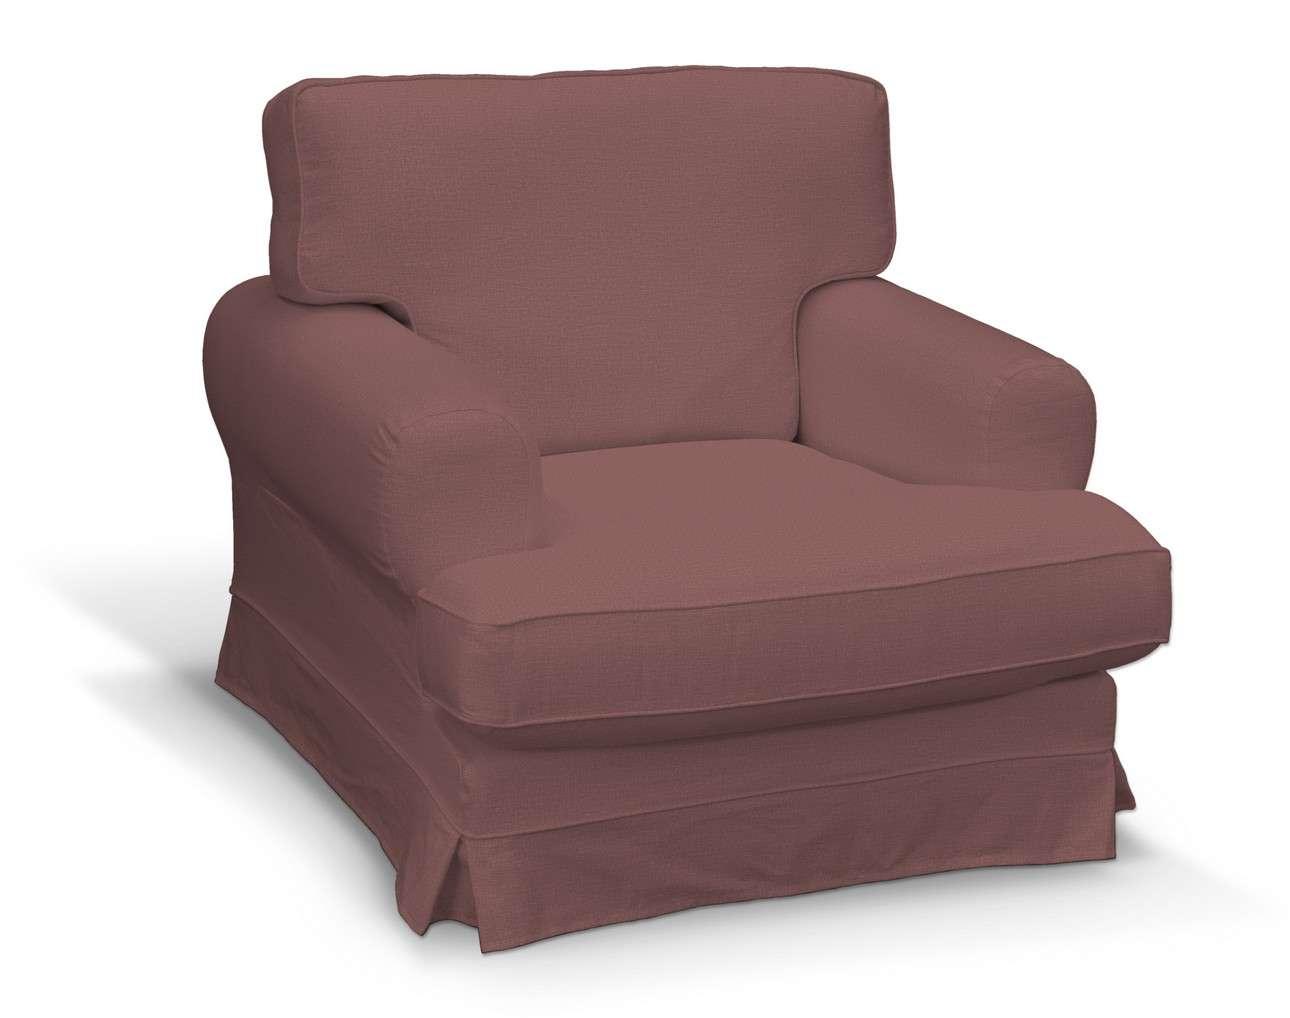 Pokrowiec na fotel Ekeskog w kolekcji Ingrid, tkanina: 705-38